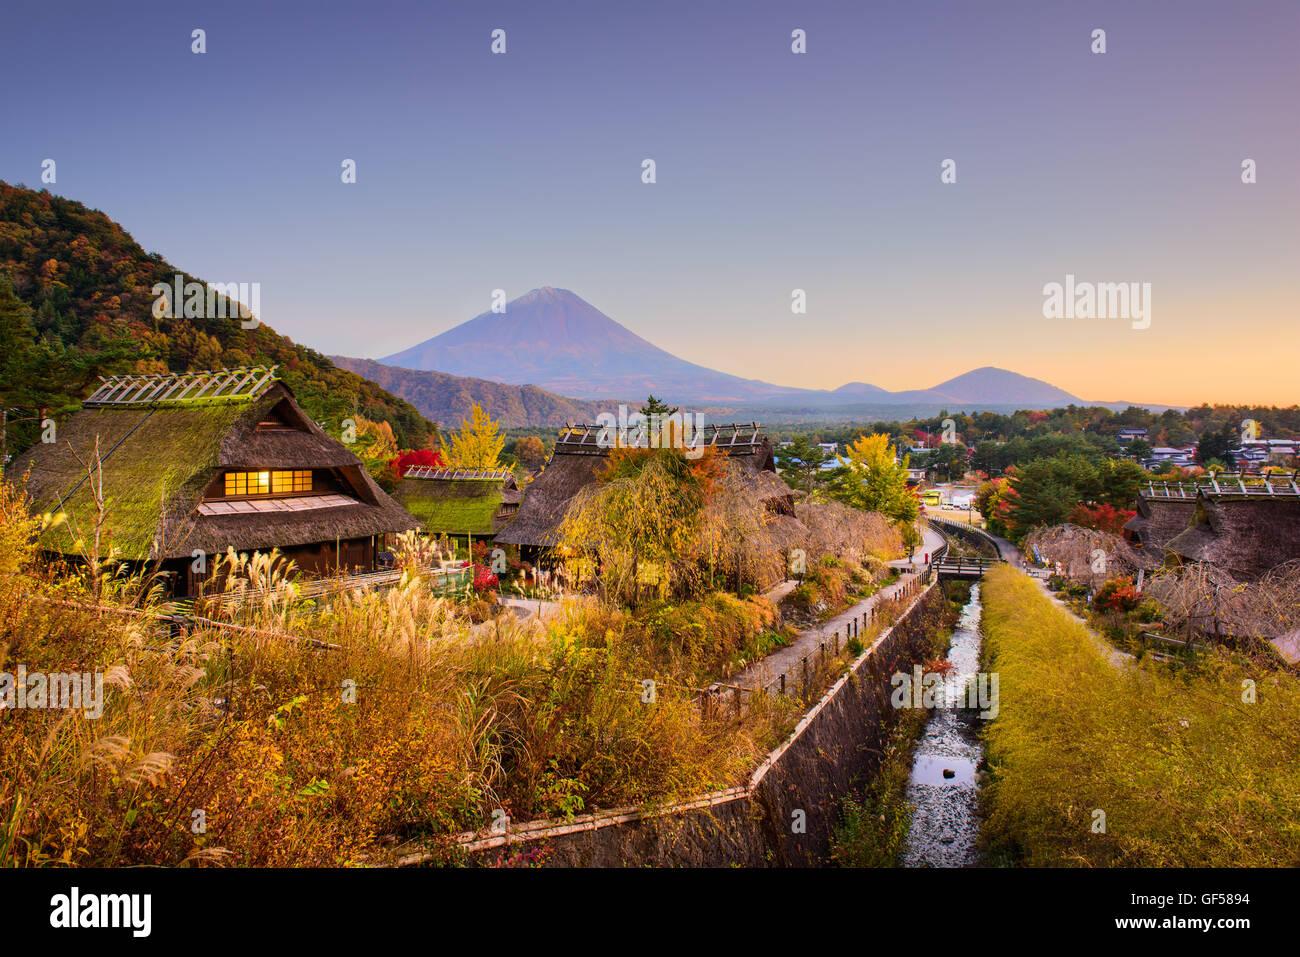 Mt. Fuji, Giappone con villaggio storico Iyashi no Sato durante l'autunno. Immagini Stock